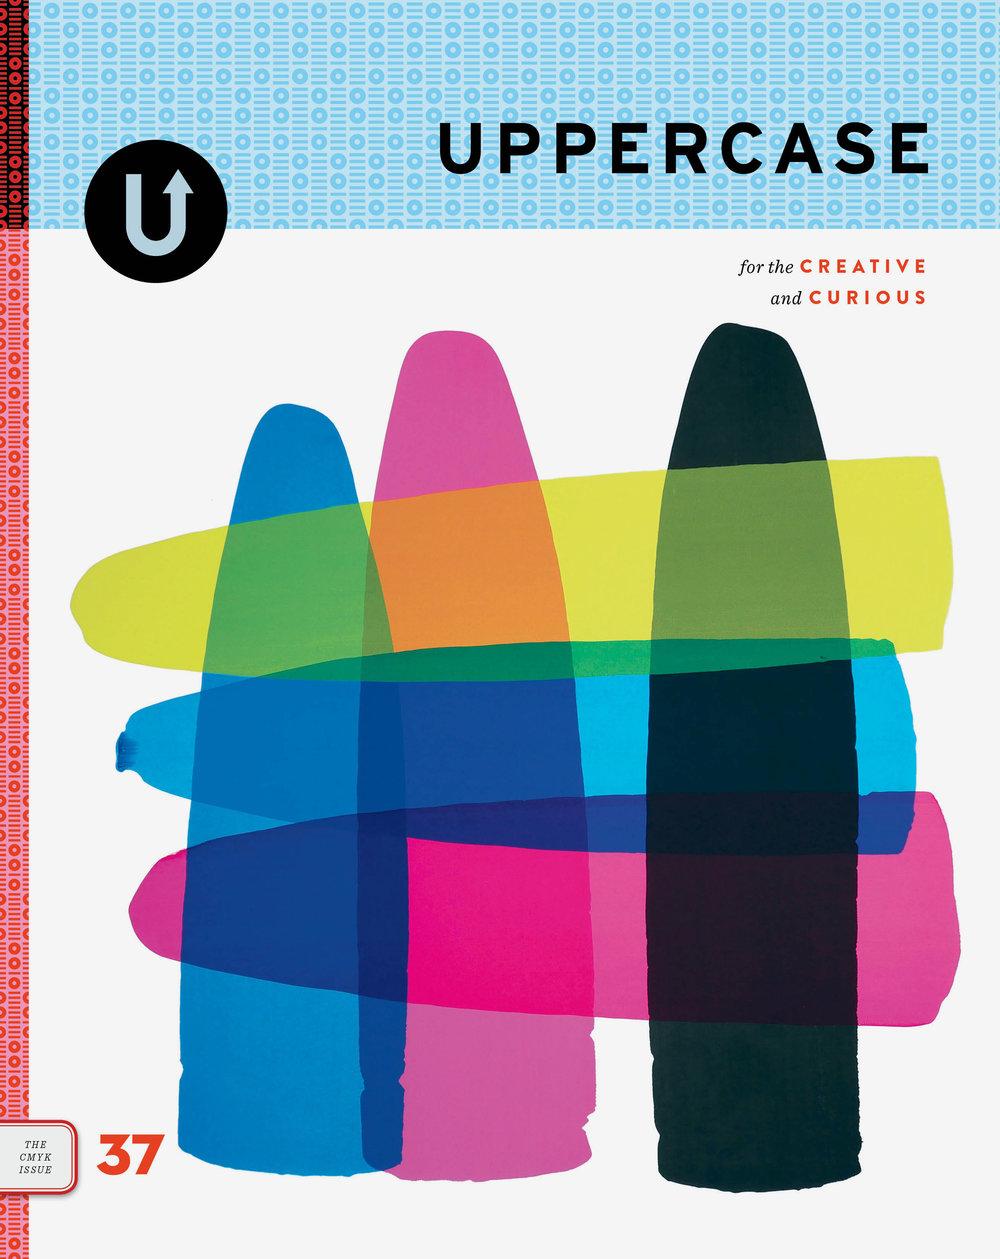 UPPERCASE 37 blue.jpg